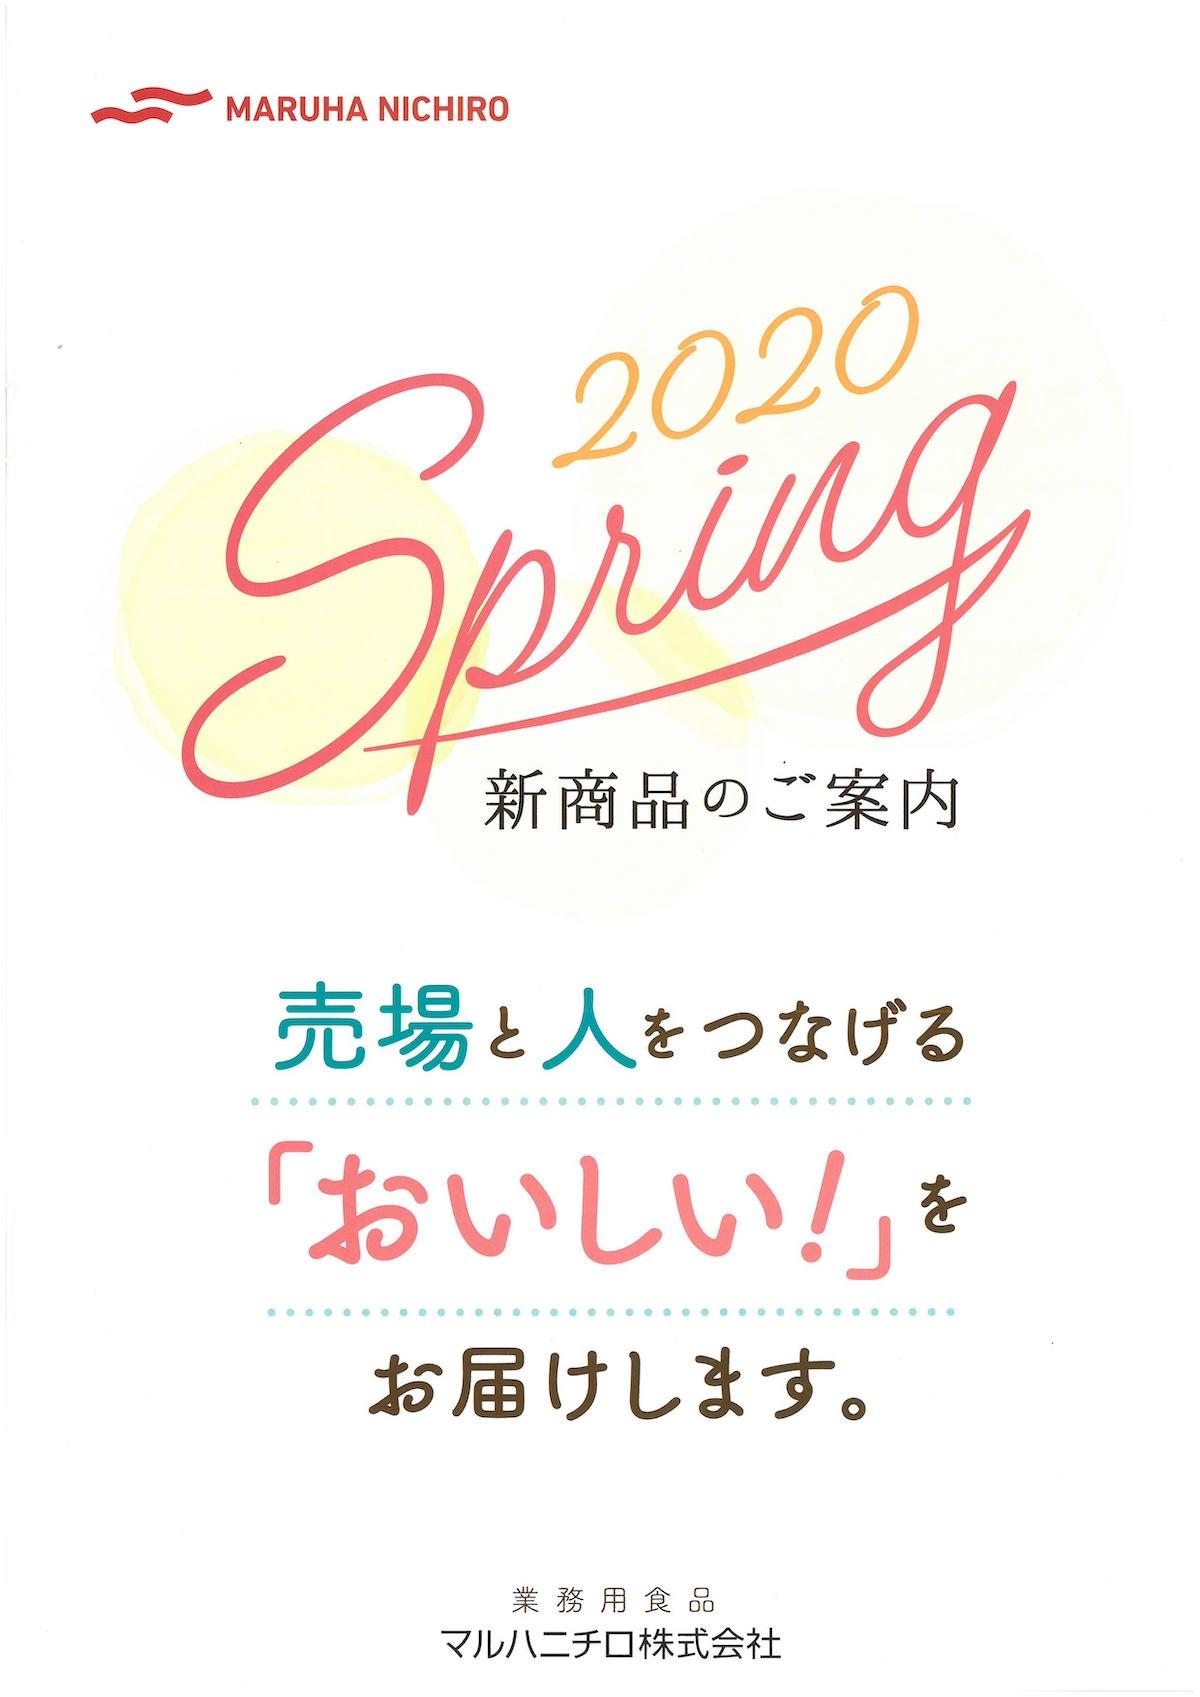 マルハニチロ 2020 春